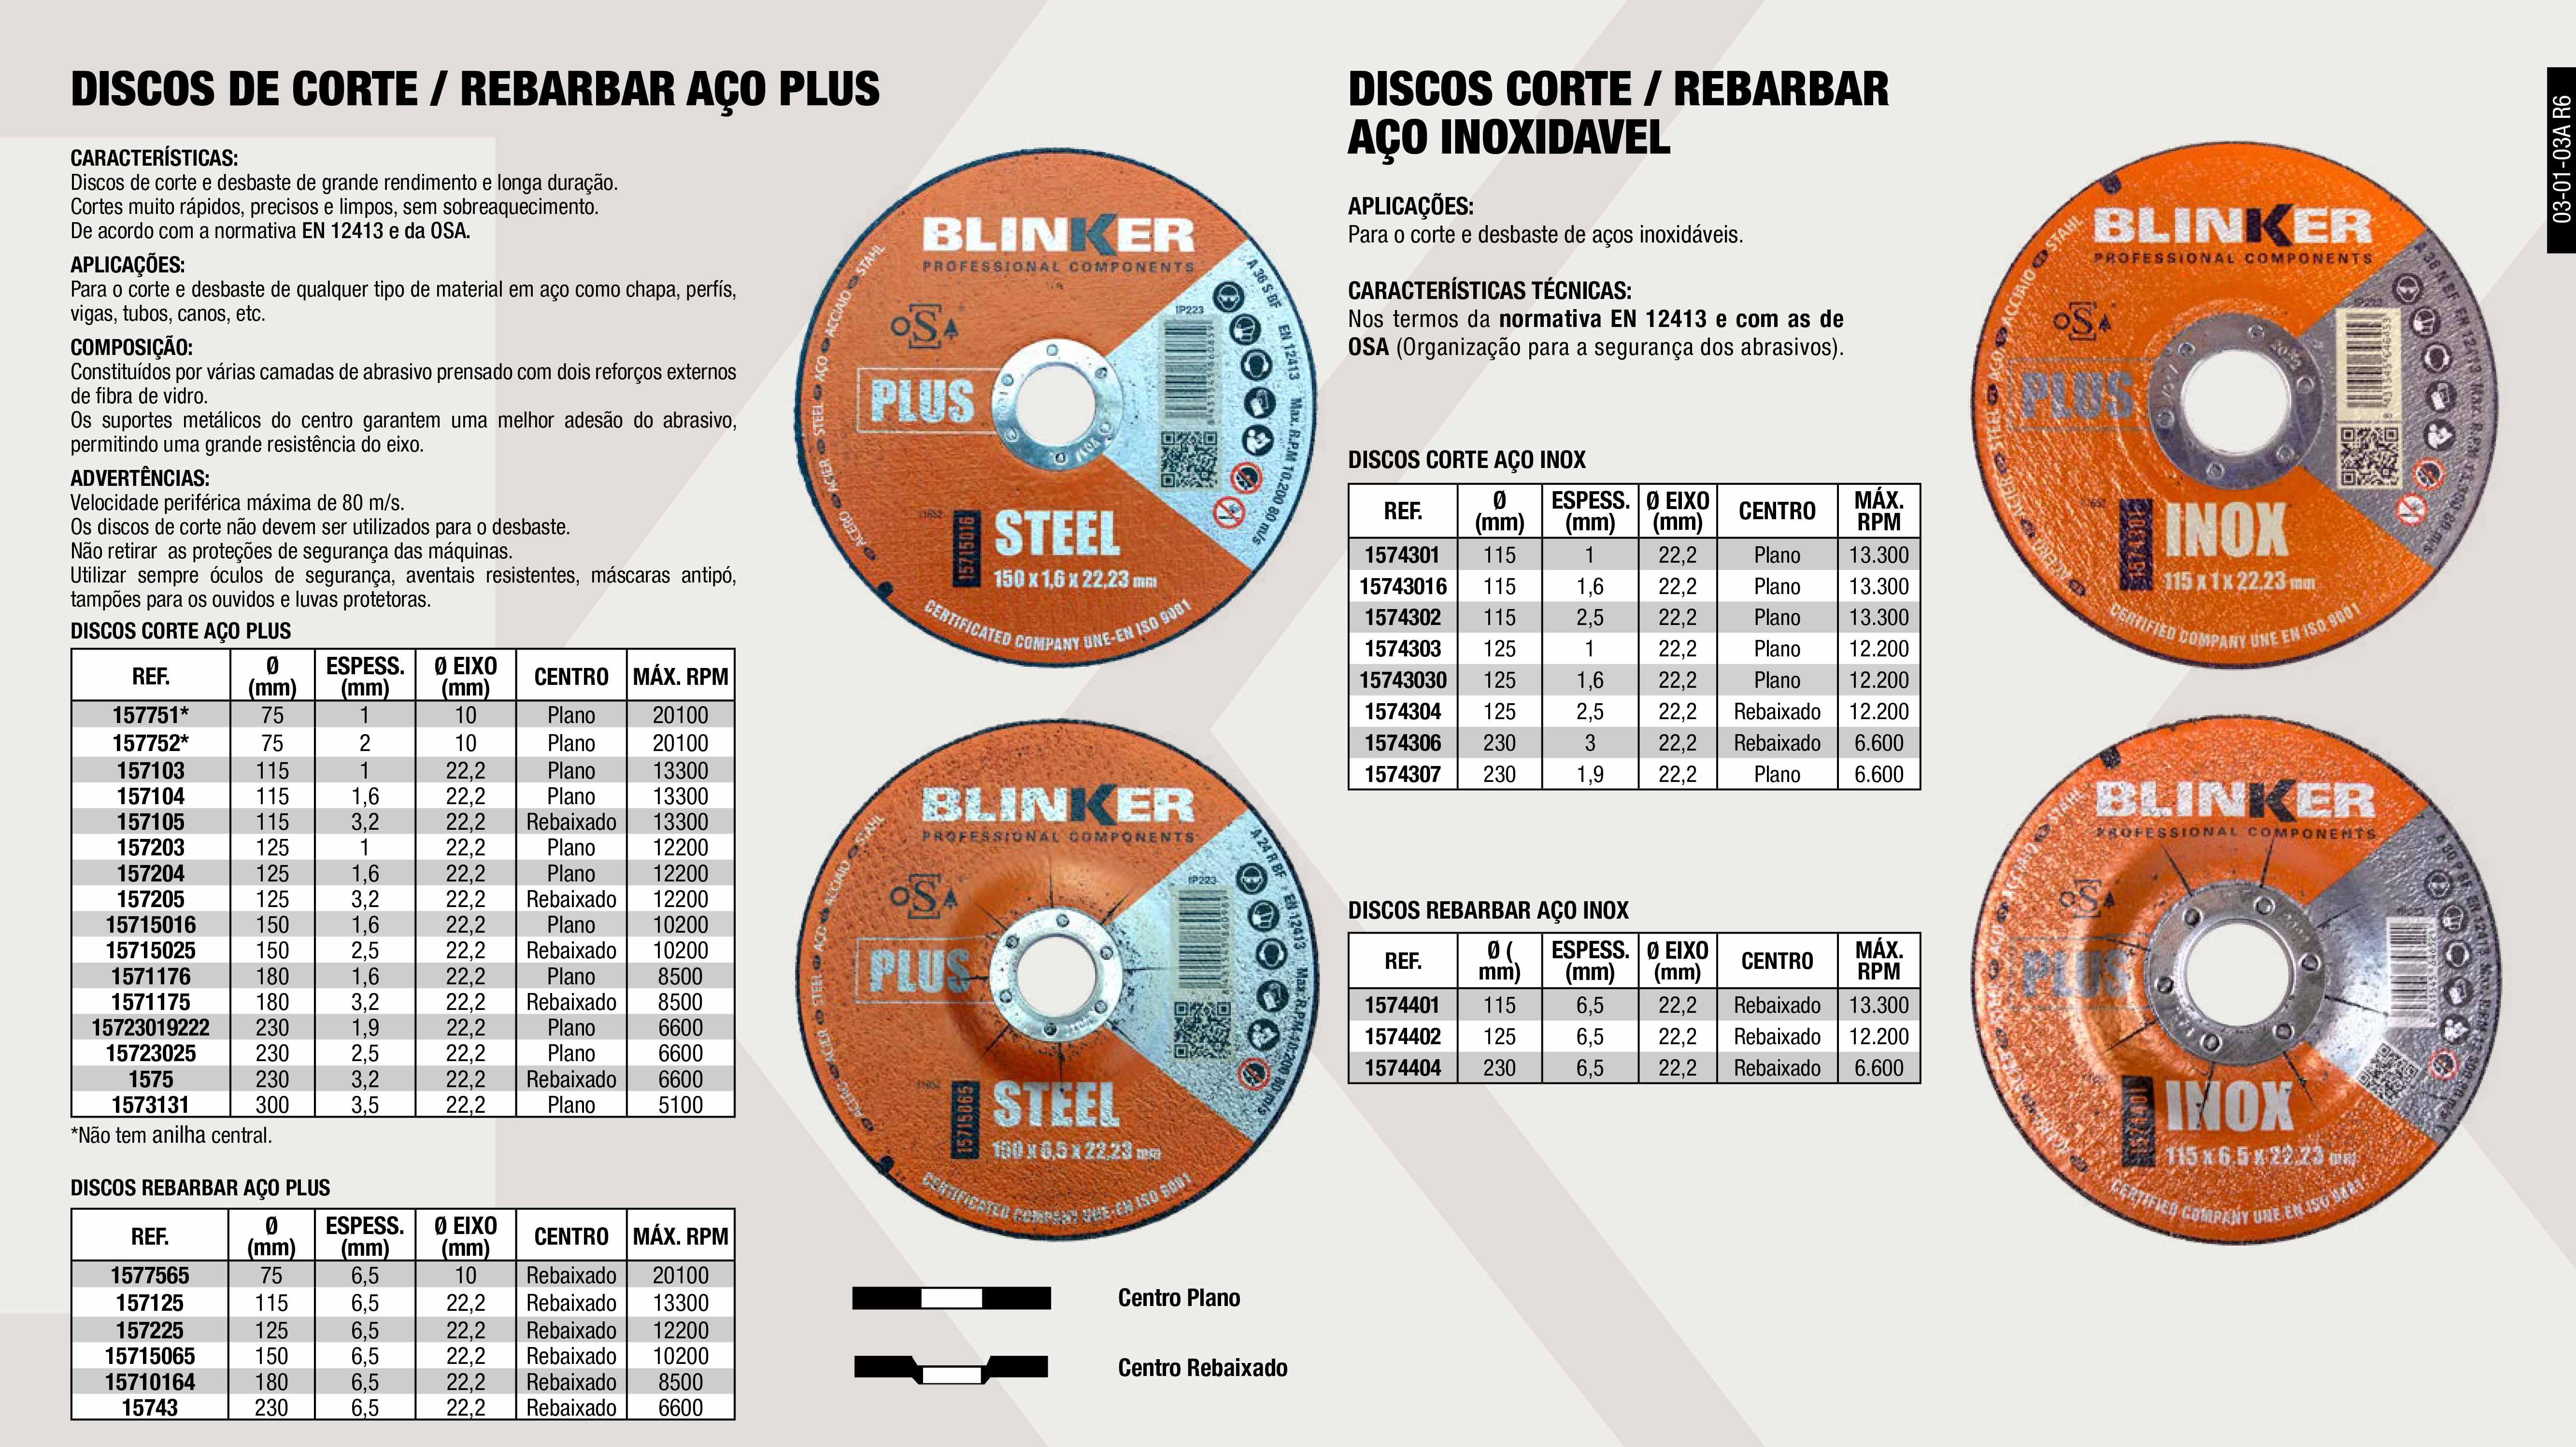 DISCO CORTE ACERO 75X2X10 PLUS                              ,  DISCO CORTE 180X2.5X22                                      ,  DISCO DESBASTE ACERO 180X6,5X22,2 PLUS                      ,  DISCO CORTE ACERO 115X3,2X22,2 PLUS                         ,  DISCO CORTE ACERO 300X3,5X22,2 PLUS                         ,  DISCO CORTE 115X1X22 INOX                                   ,  DISCO CORTE 115X2.5X22 INOX                                 ,  DISCO DE CORTE 230X1.9X22 INOX                              ,  DISCO CORTE AÇO 230MM X 1.9MM X 22MM                        ,  DISCO CORTE ACERO 180X1,6X22,2 PLUS                         ,  DISCO REBARBAR 125X6.5X22 INOX                              ,  DISCO DESBASTE AÇO 150X6,5X22.2 PLUS                        ,  DISCO DESBASTE ACERO 230X6,5X22,2 PLUS                      ,  DISCO CORTE ACERO 125X3,2X22,2 PLUS                         ,  DISCO CORTE ACERO 75X1X10 PLUS                              ,  DISCO CORTE 125X1X22 INOX                                   ,  DISCO DESBASTE ACERO 115X6,5X22,2 PLUS                      ,  DISCO DESBASTE ACERO 125X6,5X22,2 PLUS                      ,  DISCO DESBASTE ACERO 75X6,5X10 PLUS                         ,  DISCO CORTE ACERO 125X1X22,2 PLUS                           ,  DISCO REBARBAR 230X6.5X22 INOX                              ,  DISCO CORTE ACERO 230X3,2X22,2 PLUS                         ,  DISCO CORTE AÇO 150X1,6X22,2 PLUS                           ,  DICO CORTE ACERO 115X1,6X22,2 PLUS                          ,  DISCO REBARBAR 115X6.5X22 INOX                              ,  DISCO CORTE 230X3X22 INOX                                   ,  DISCO CORTE 125X2.5X22 INOX                                 ,  DISCO CORTE AÇO 150X3,2X22,2 PLUS                           ,  DISCO CORTE ACERO 125X1,6X22,2 PLUS                         ,  DISCO CORTE ACERO 180X3,2X22,2 PLUS                         ,  DISCO CORTE ACERO 115X1X22,2 PLUS                           ,  DISCO CORTE AÇO 150X2,5X22,2 PLUS              